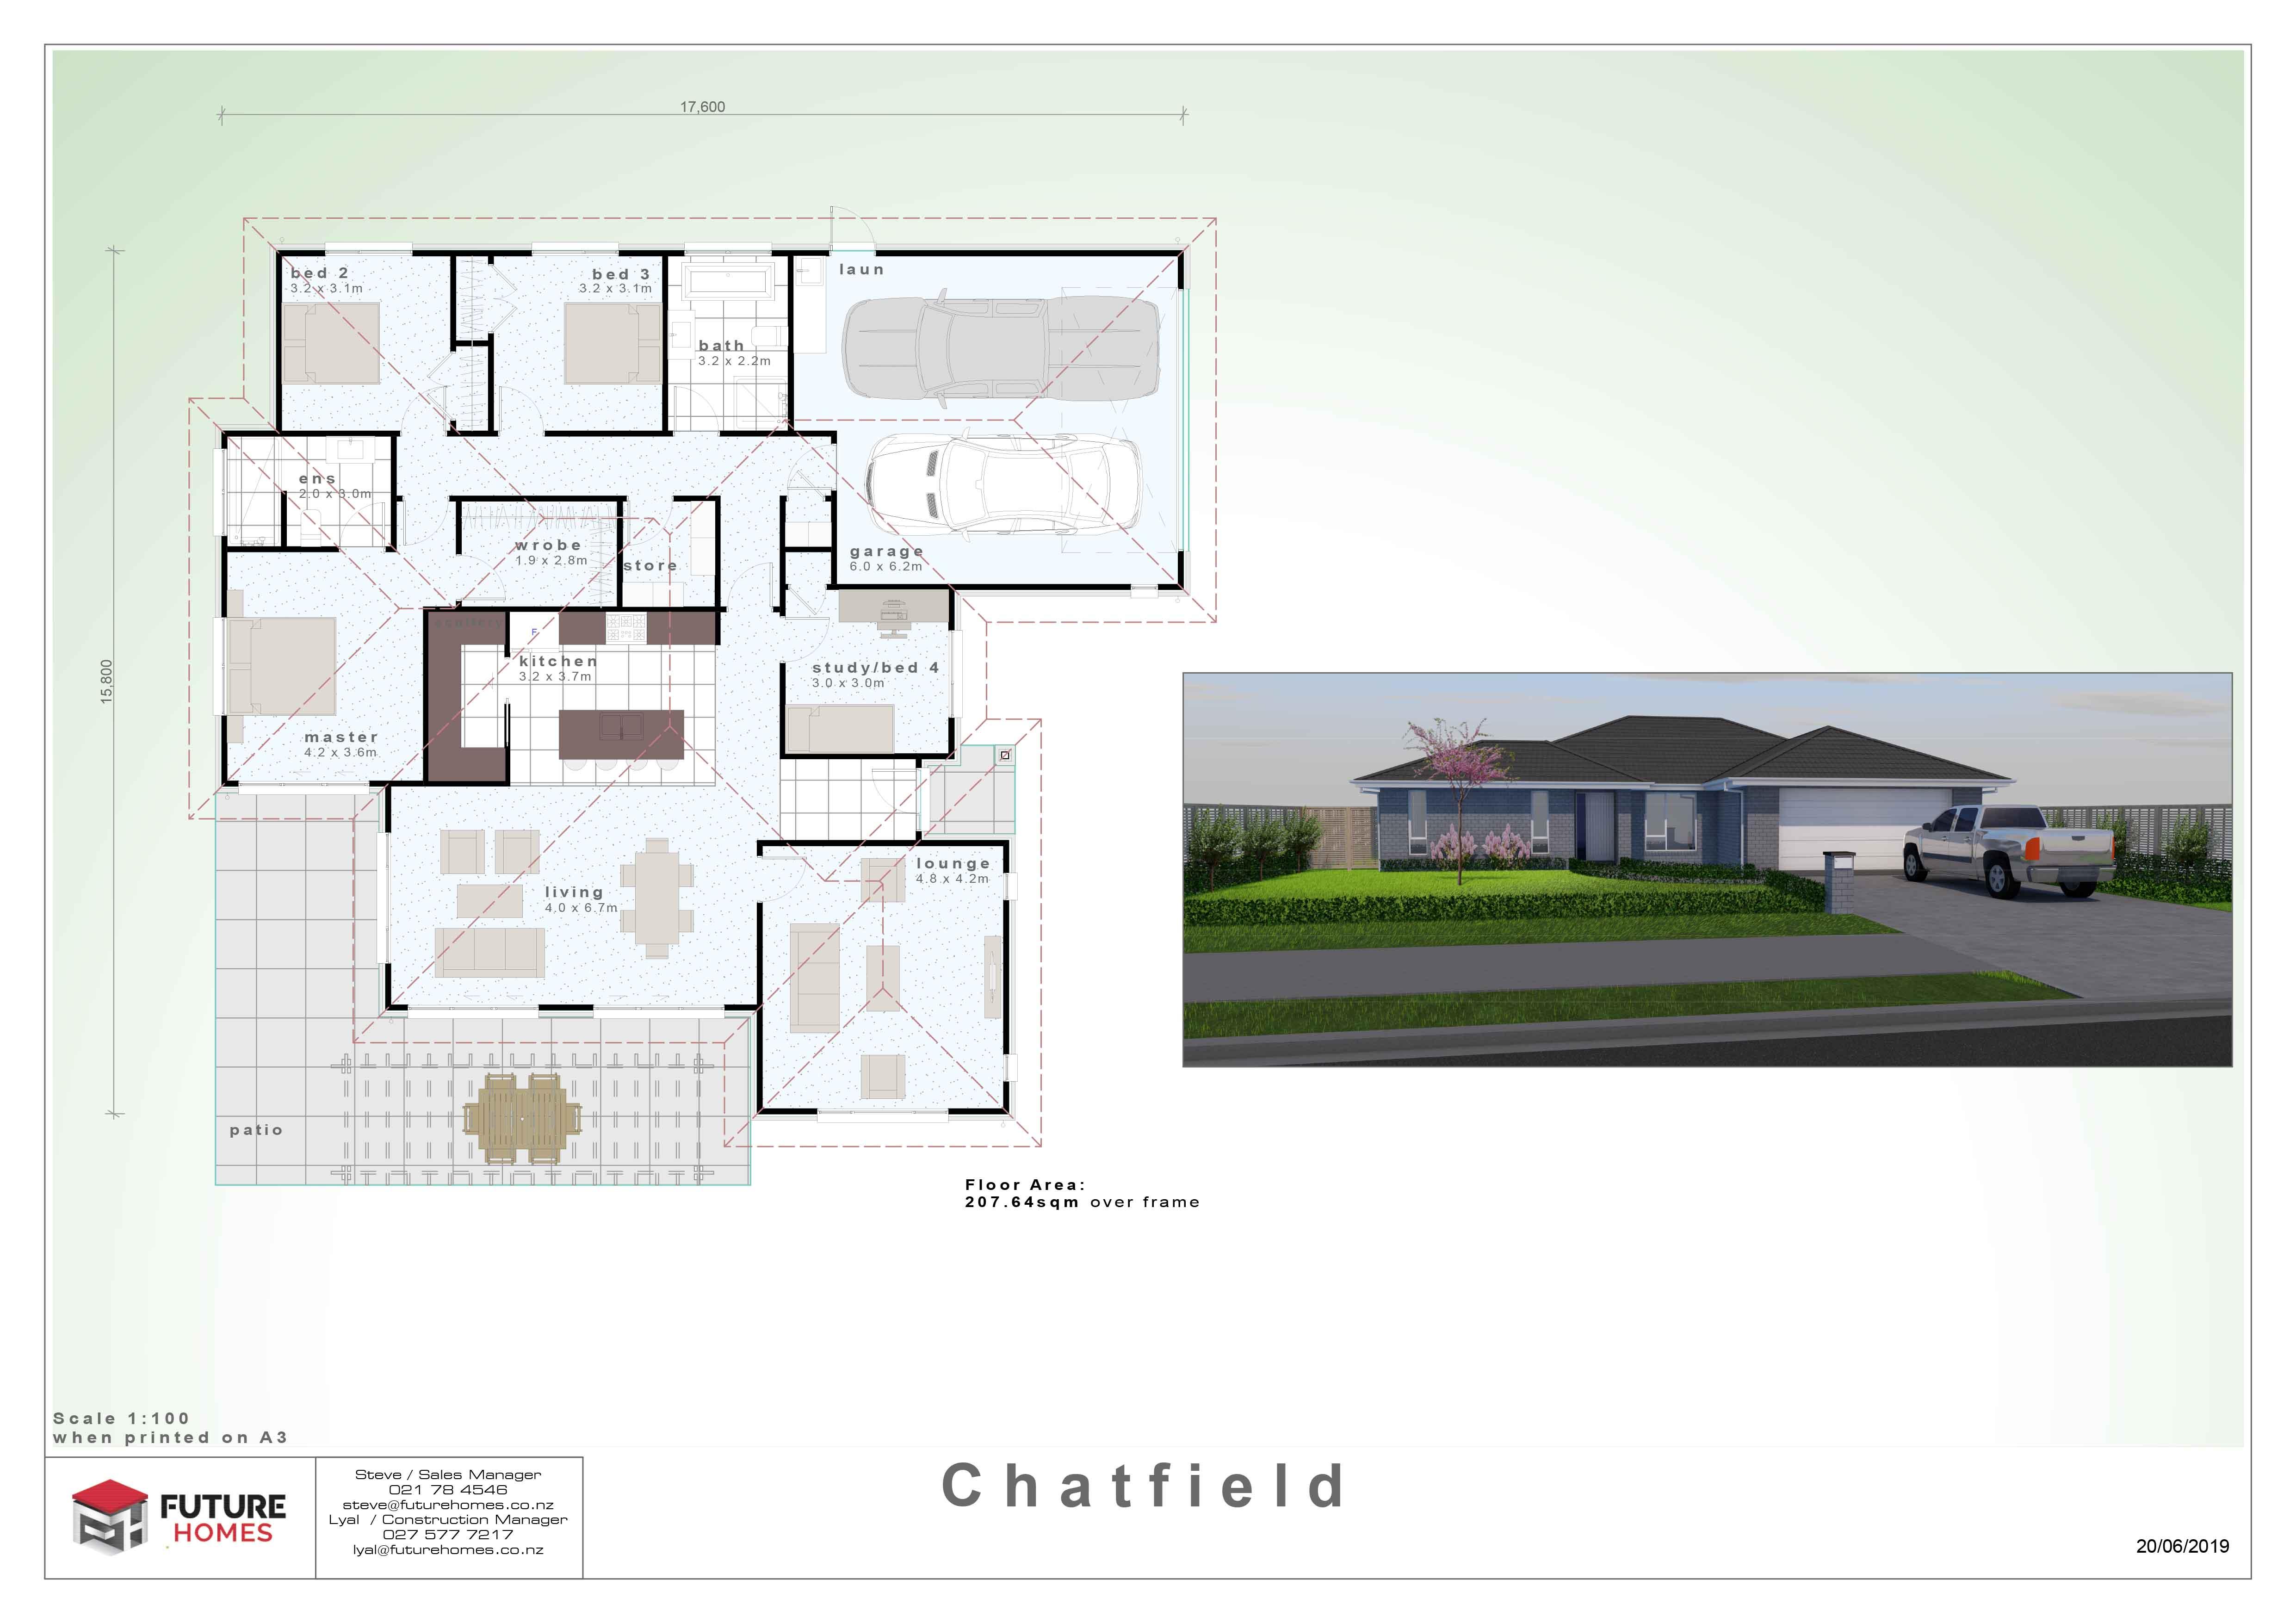 CHatfield